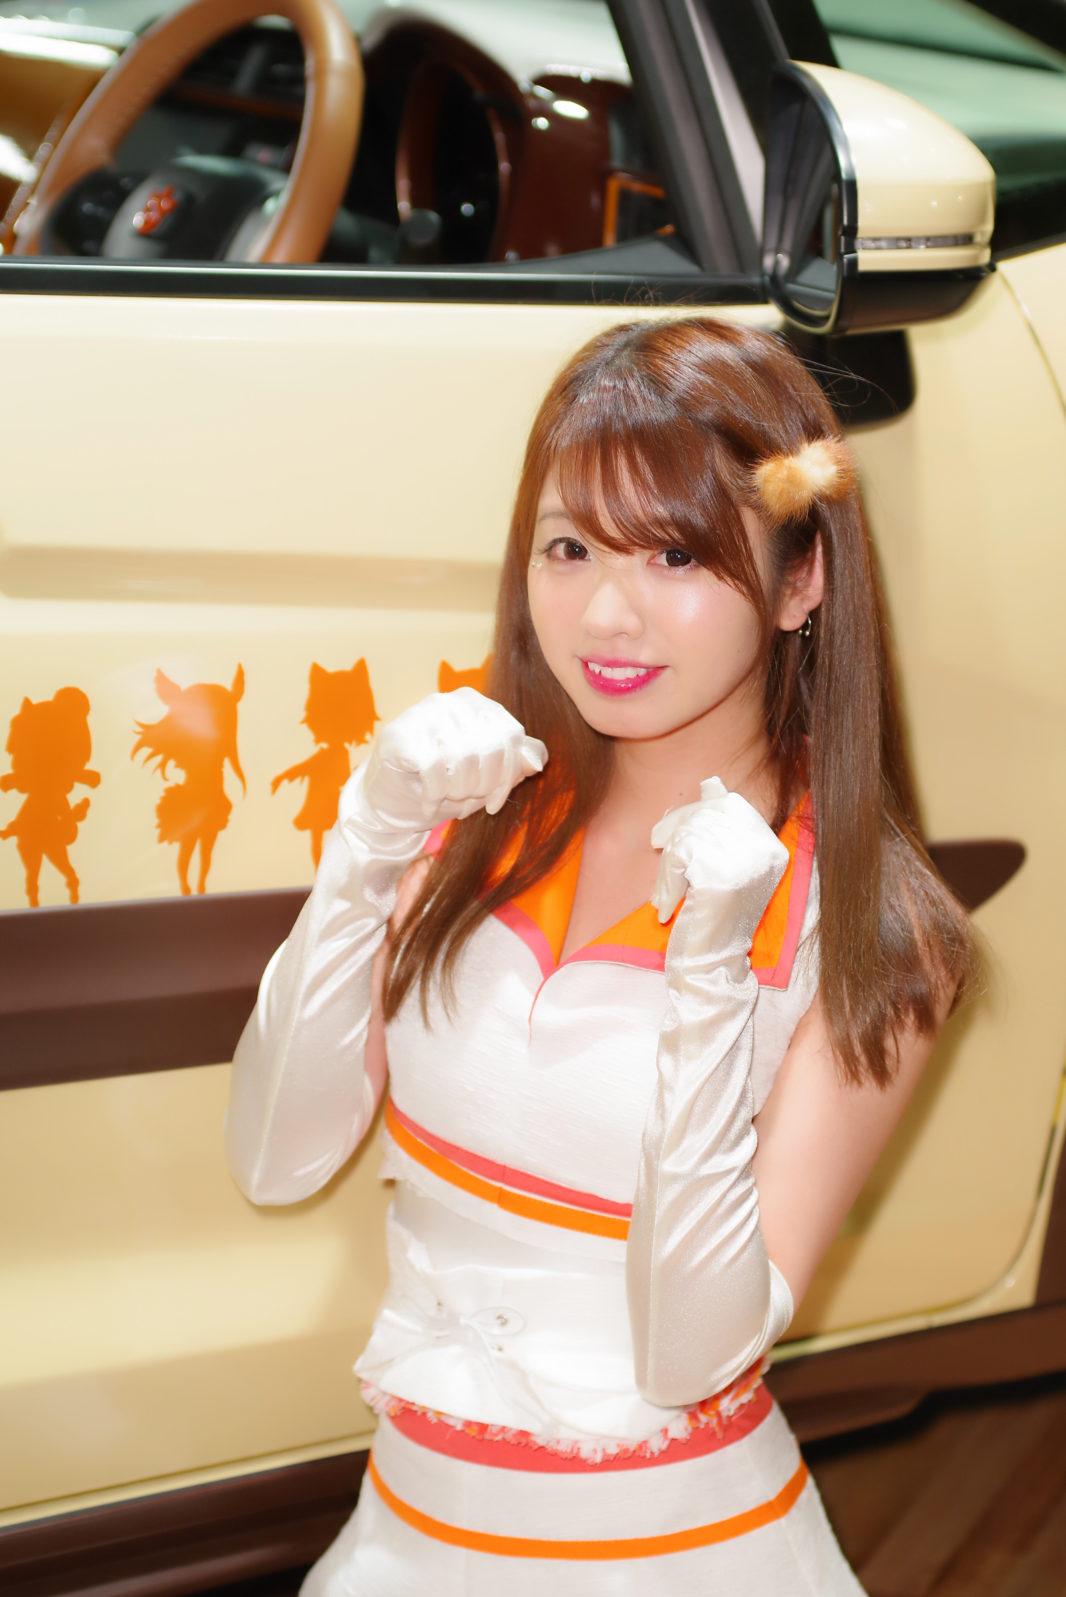 安西まりなさん@ホンダアクセスブース | PENTAX K-1&D FA★70-200mm&Cactus V6II&RF60X